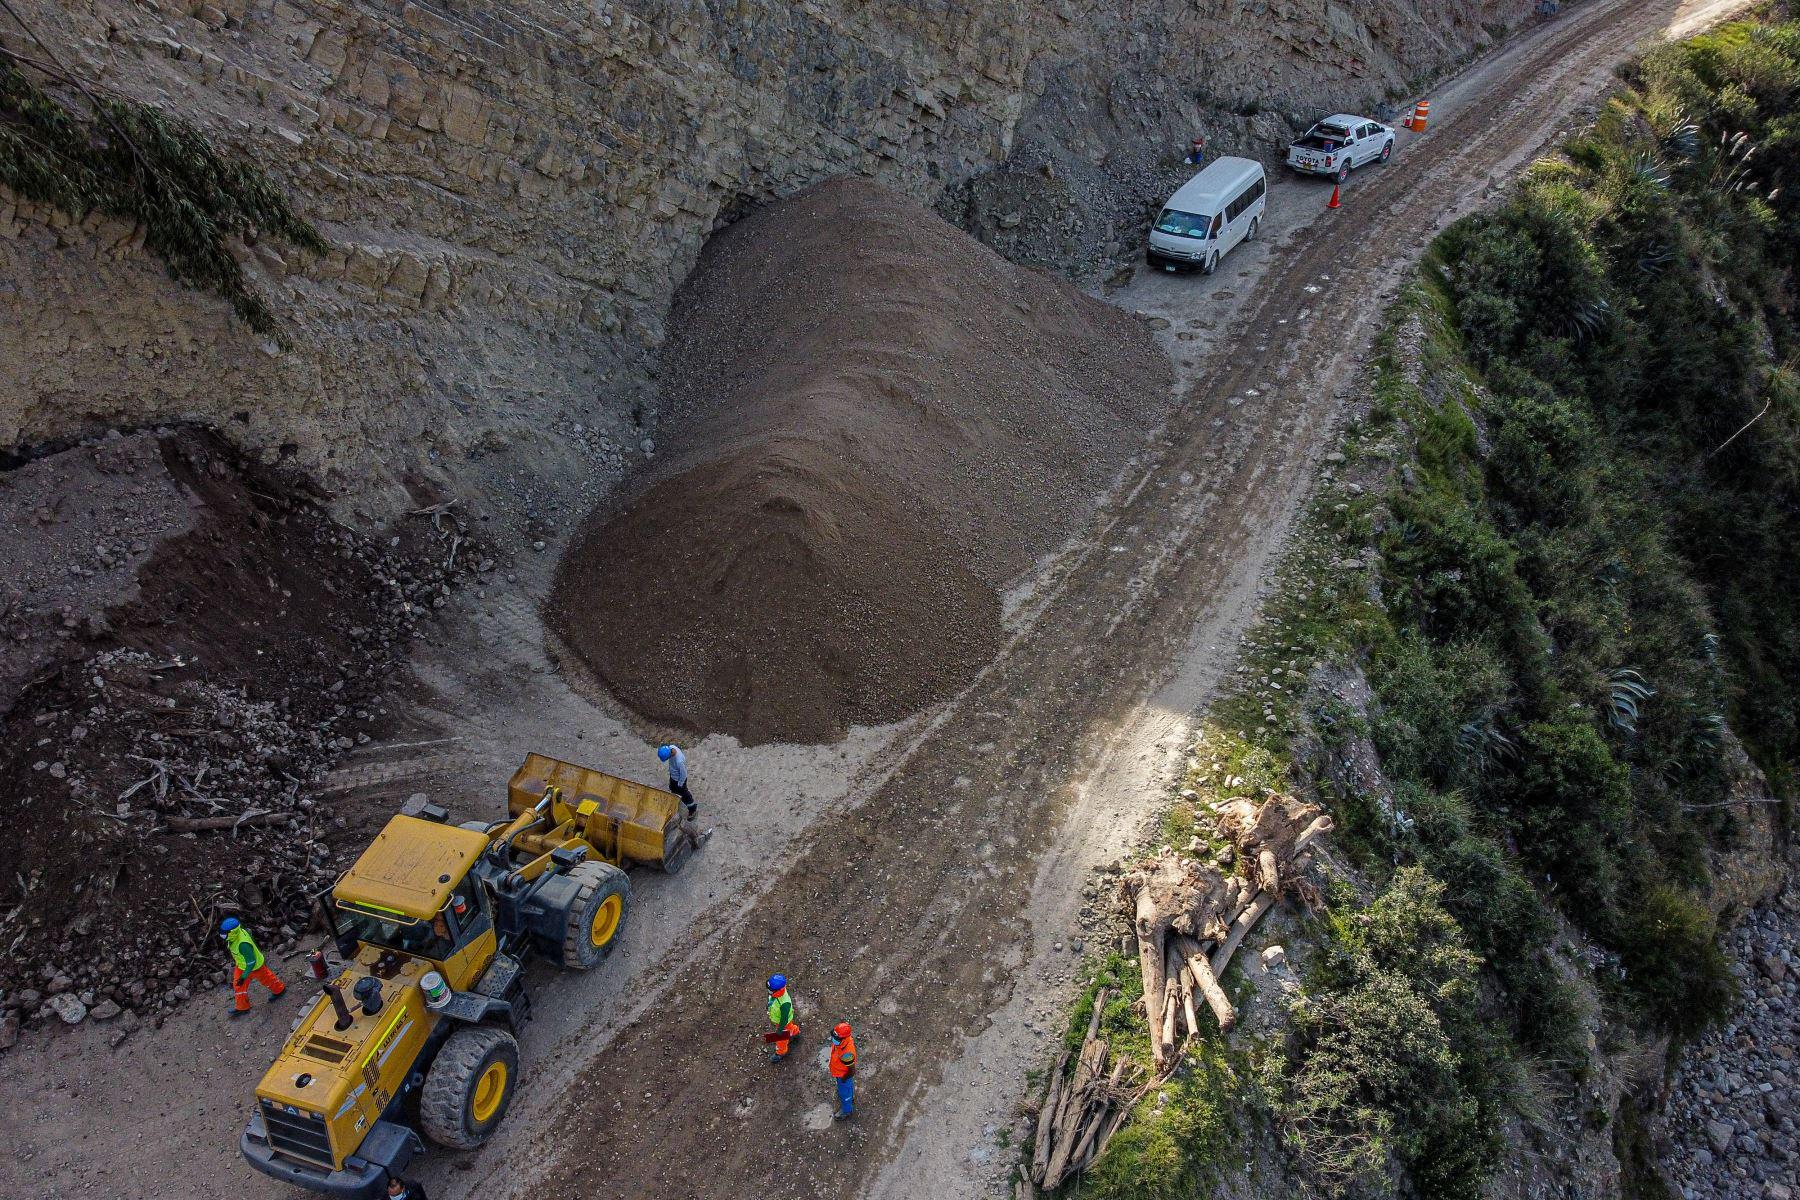 El Ministro de Trabajo Javier Palacios Gallegos, supervisó los trabajos de carretera, que Proregión realiza en el departamento de Huancavelica. Foto: ANDINA/Ministerio de Trabajo